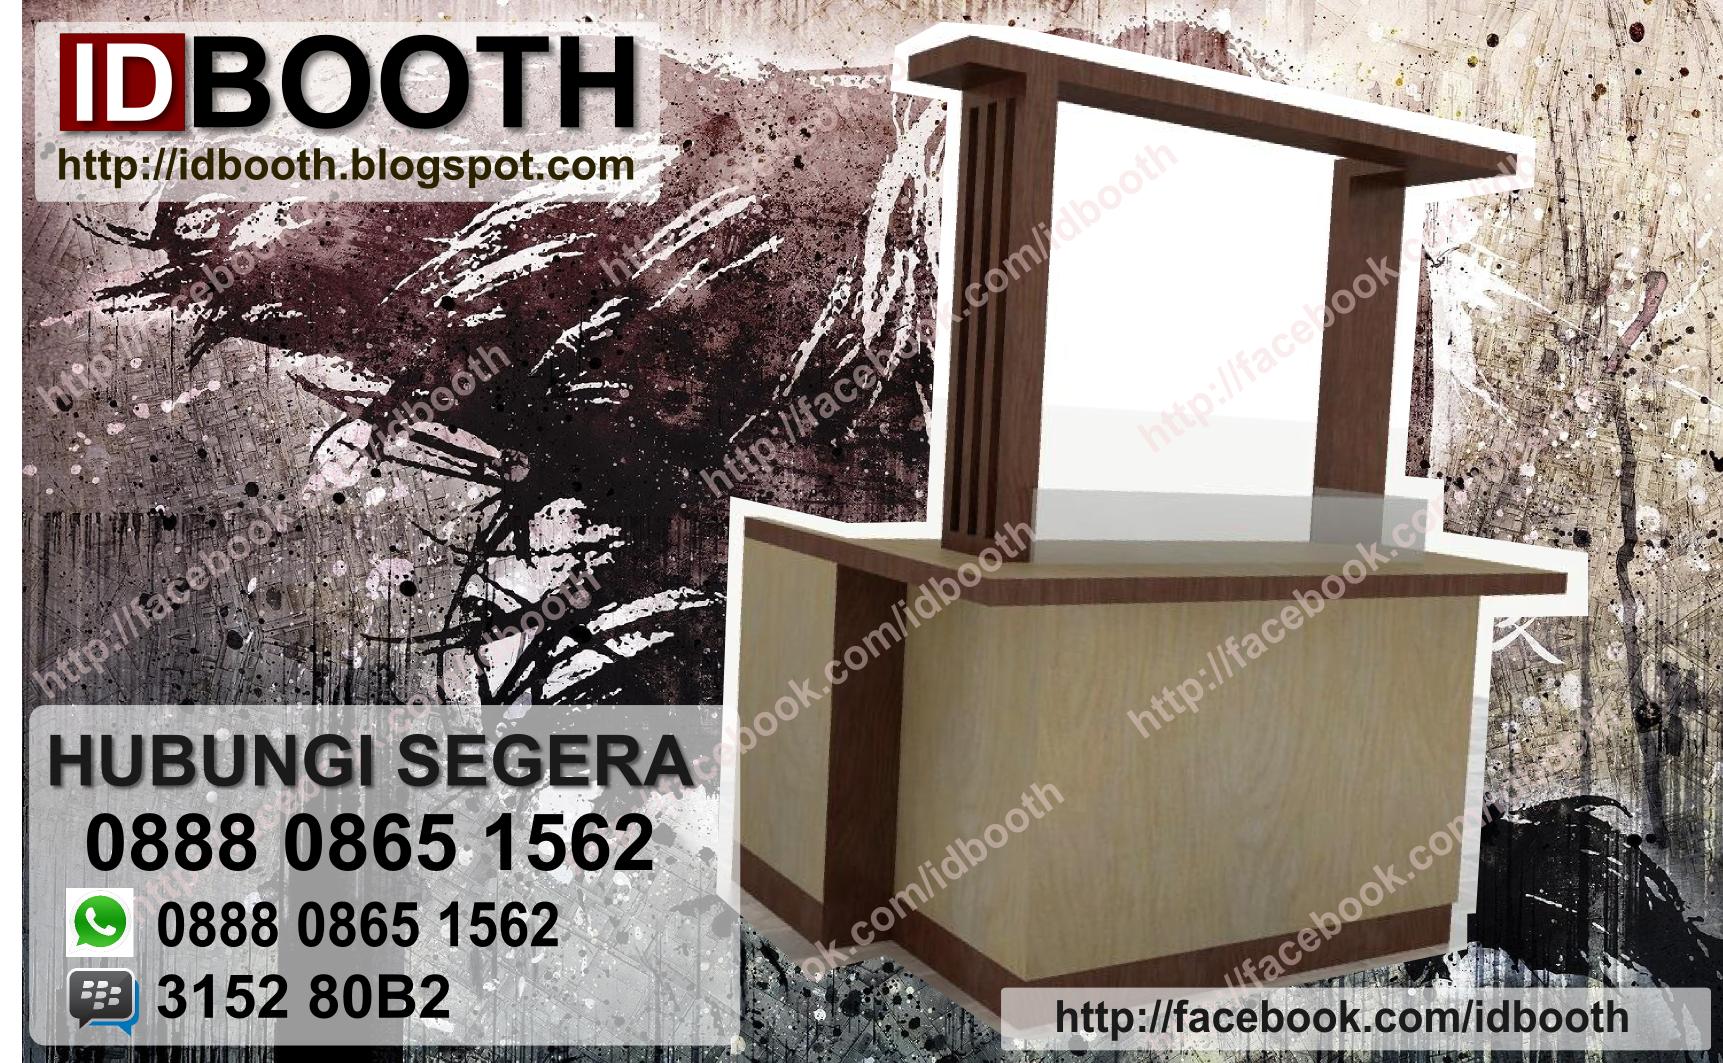 gerobak unik coccoa moca IDBooth Indonesia | jual booth murah, gerobak unik murah. mulai dari harga 2jtan. Ayoo Buruan. . . | Free Konsultasi